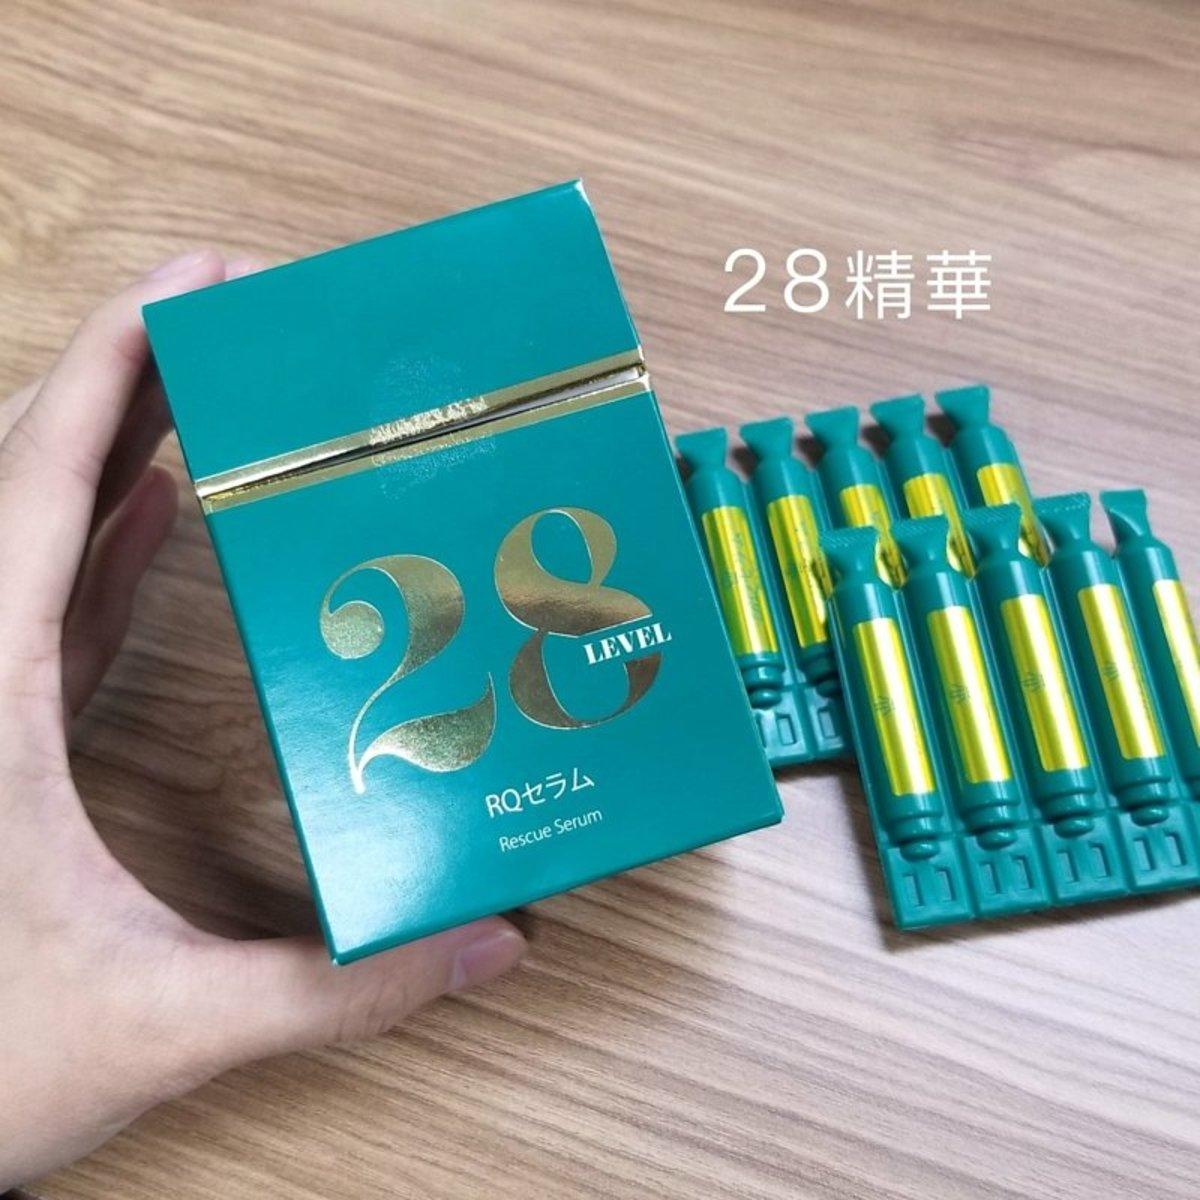 新升級加強版28光仙子 (20支 / 1支=2ml)